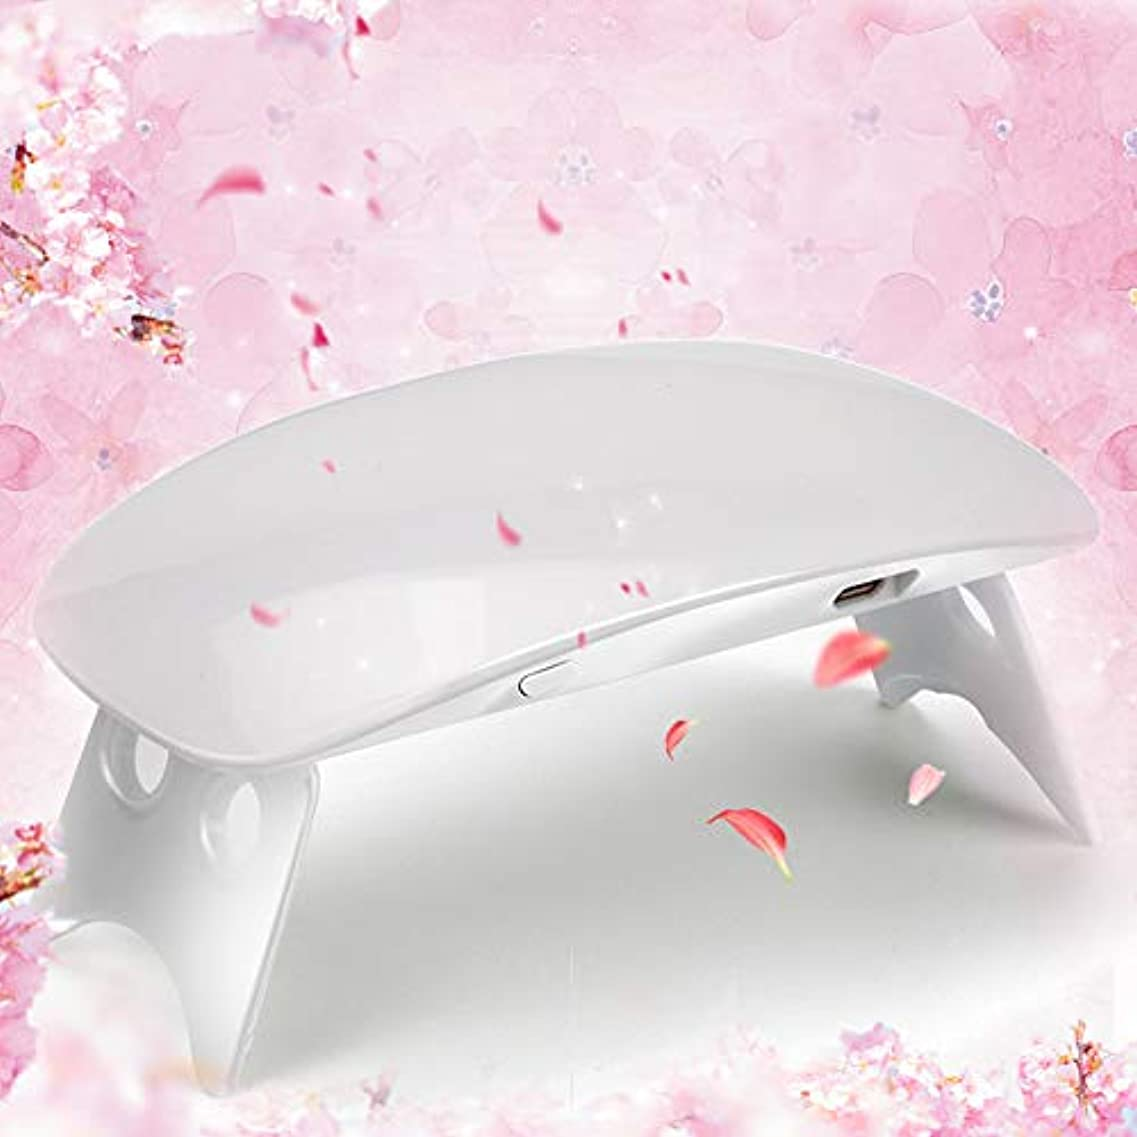 まっすぐ上向き式Twinkle Store 6W ホワイト ネイルドライヤー ネイルデザイン ネイルライト 硬化用ライト ネイルアートツール